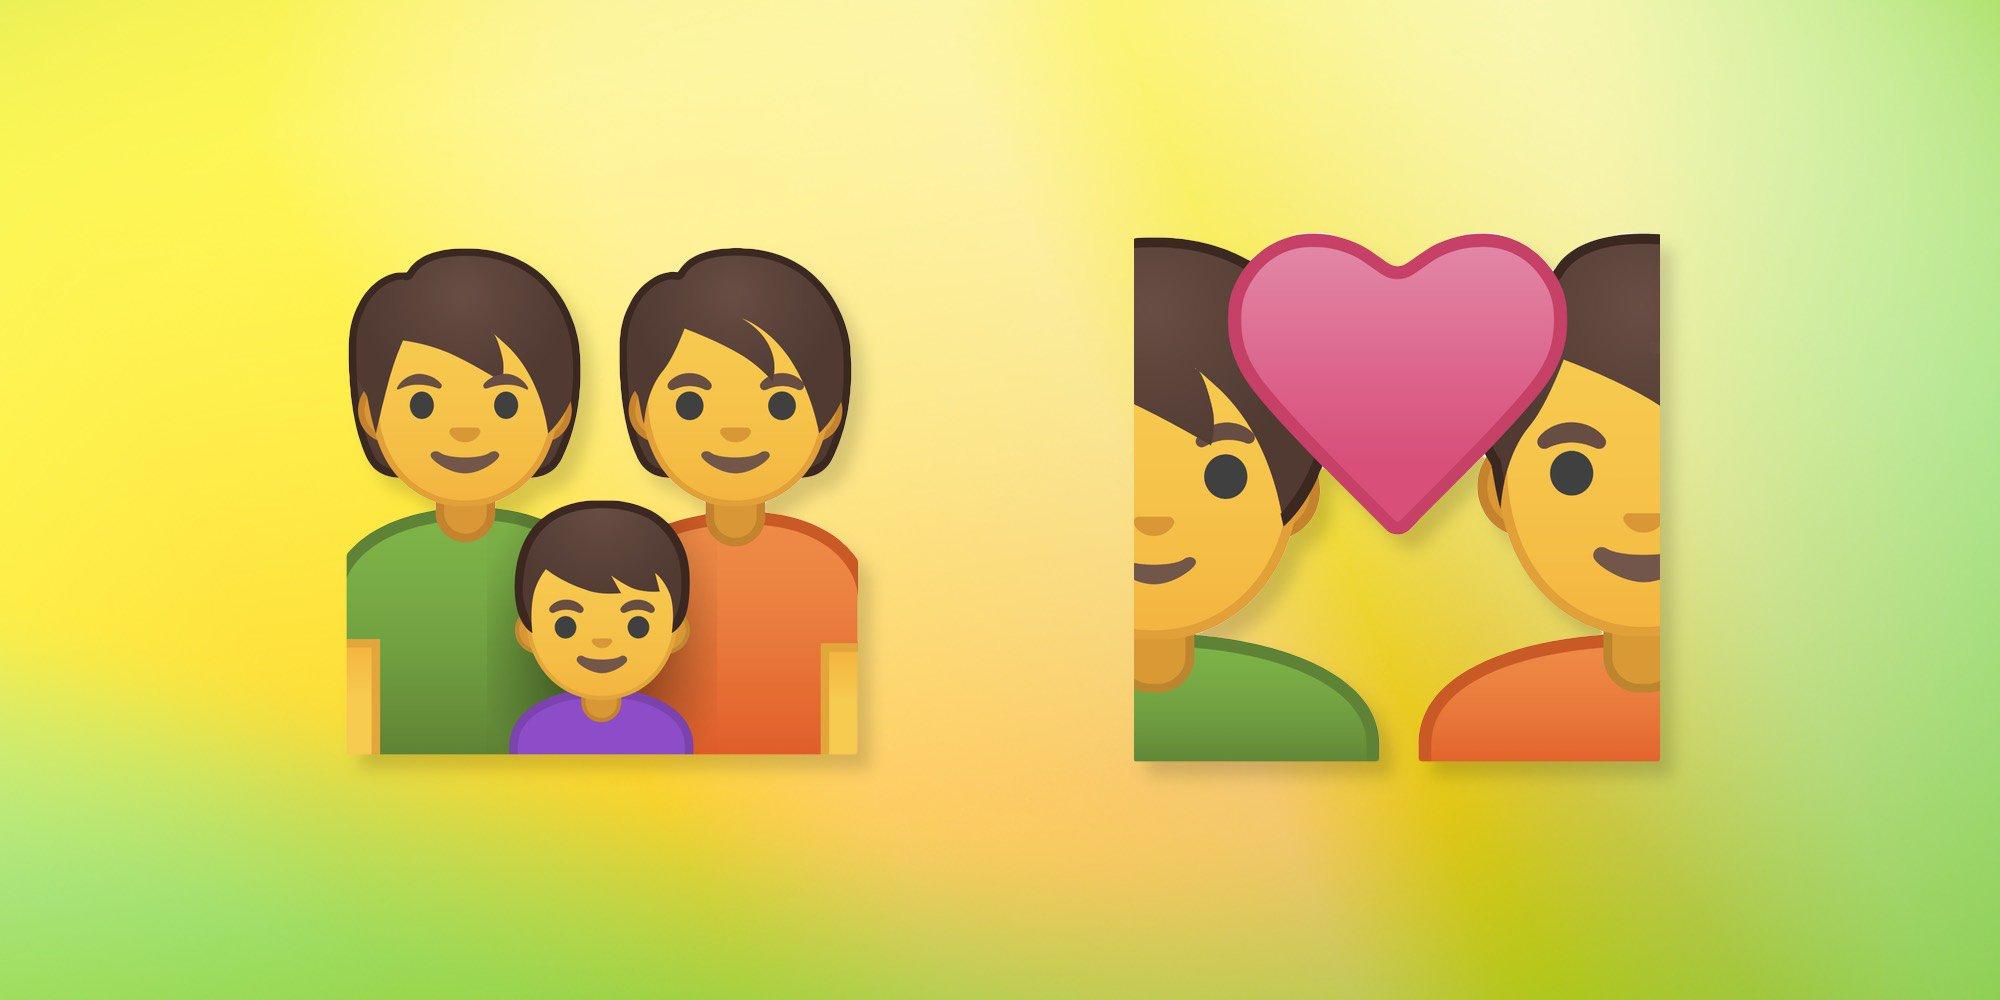 Android P Beta 2 bổ sung thêm 157 emoji mới và có tùy chọn trung tính